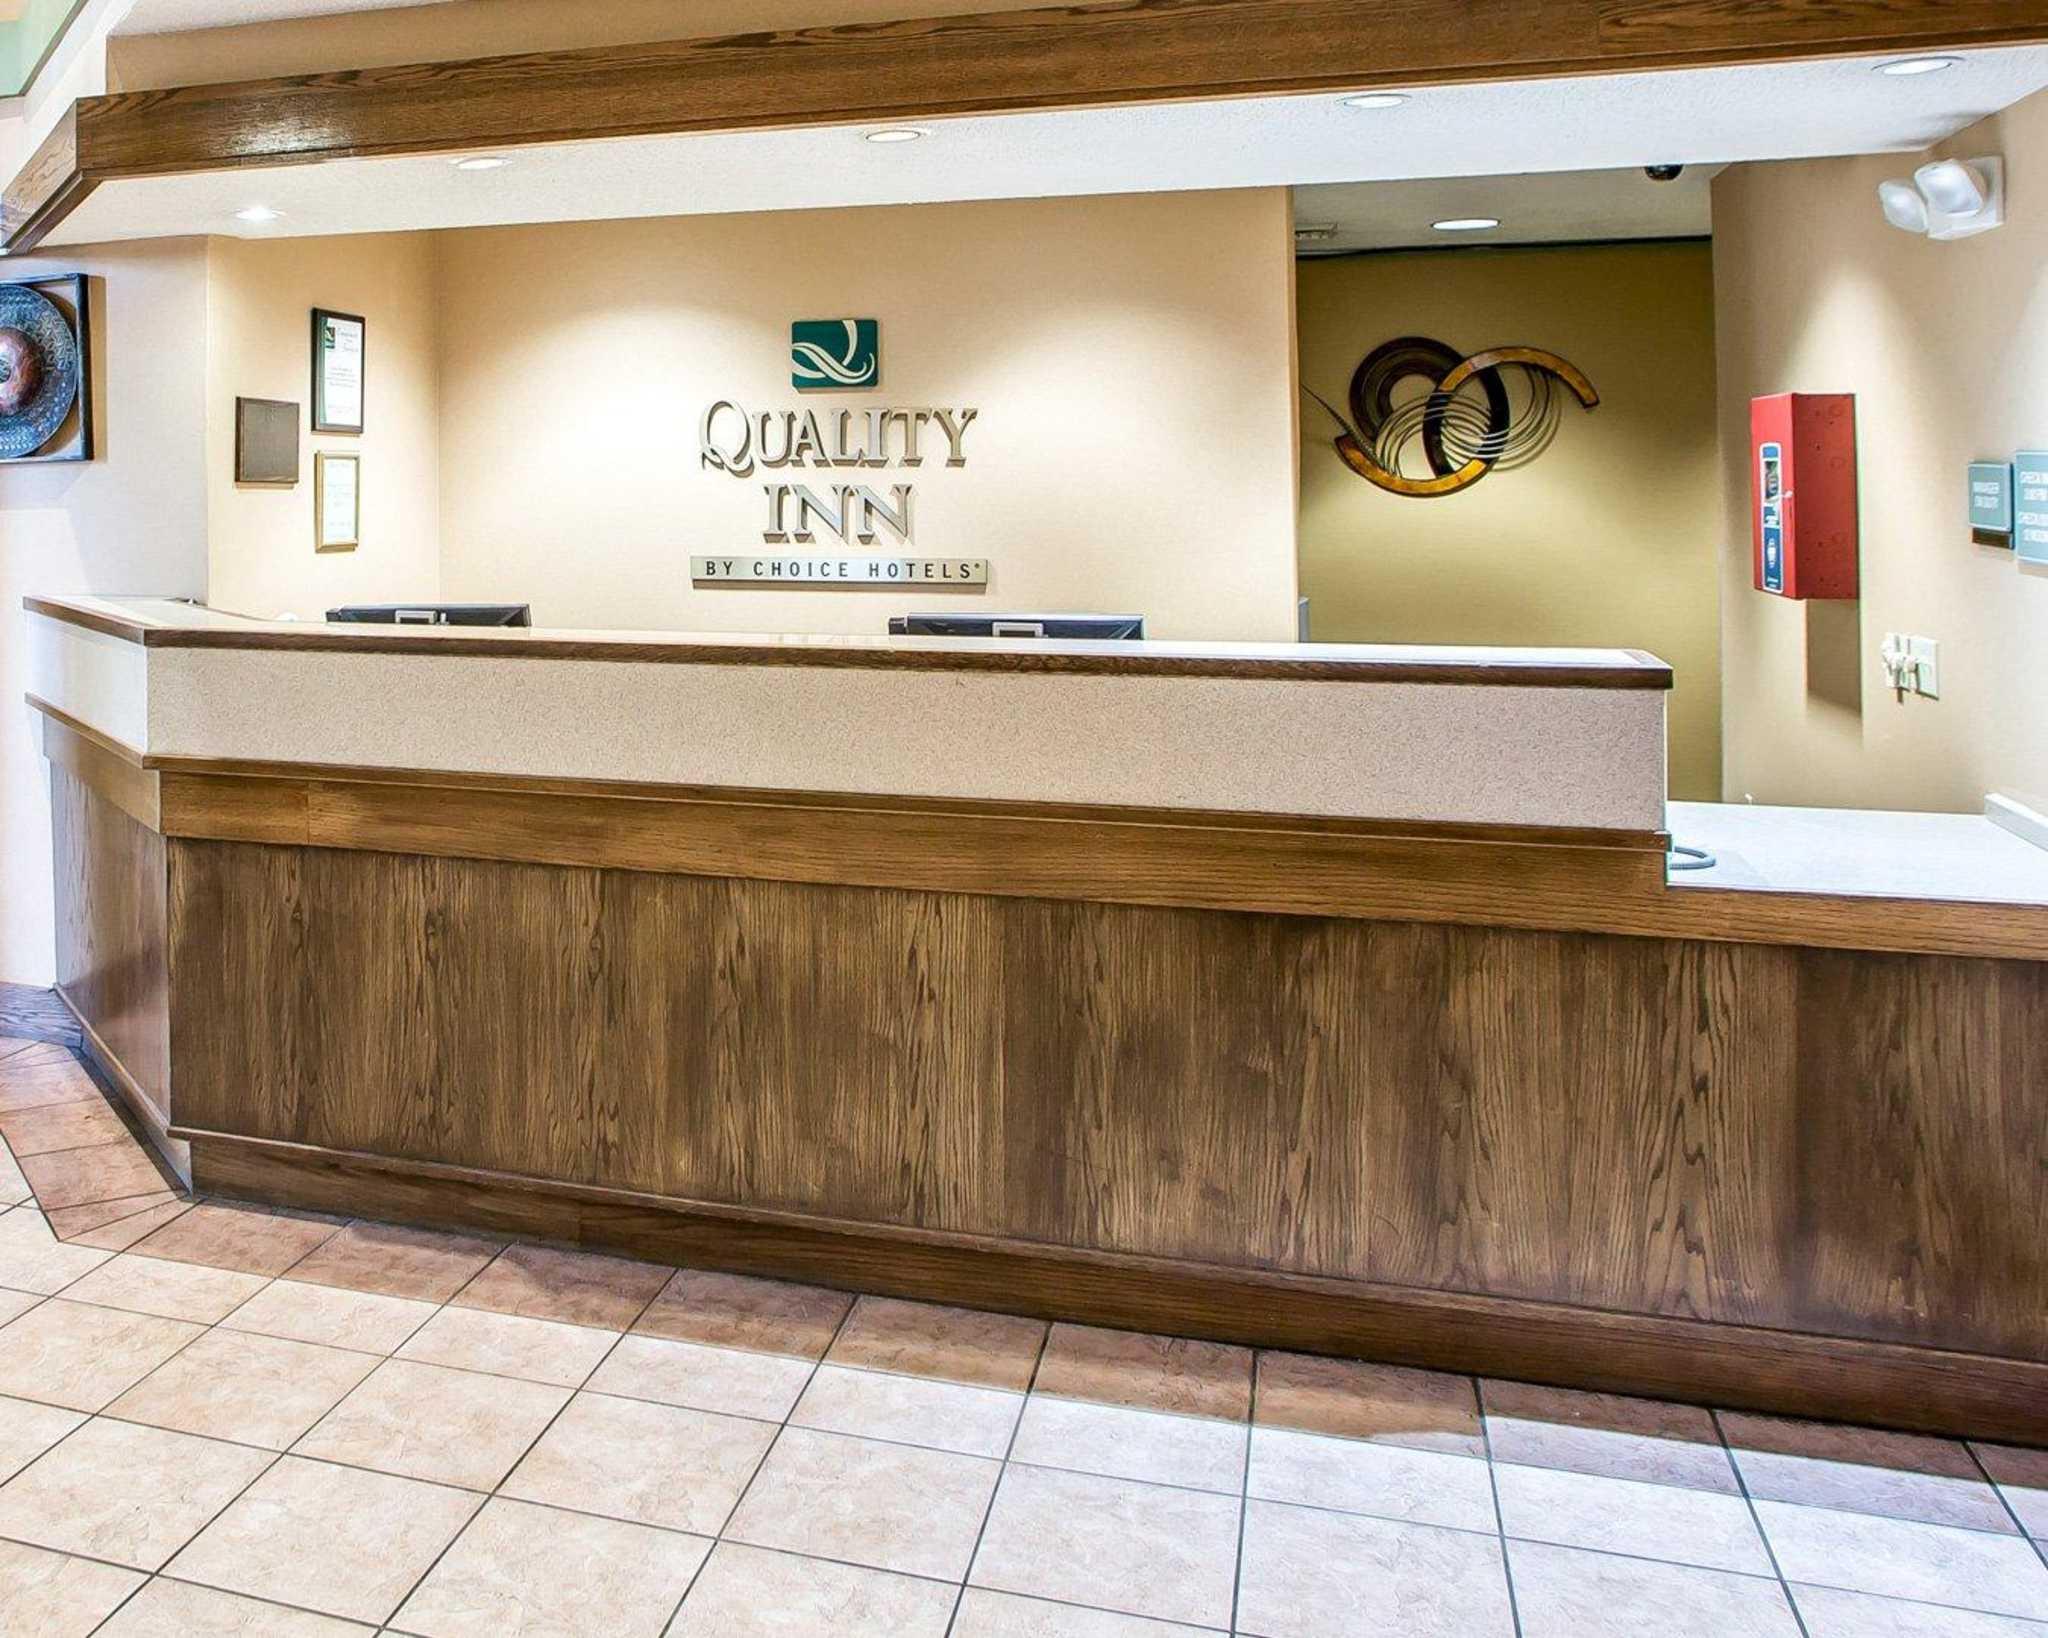 Quality Inn St. Robert - Ft. Leonard Wood image 20